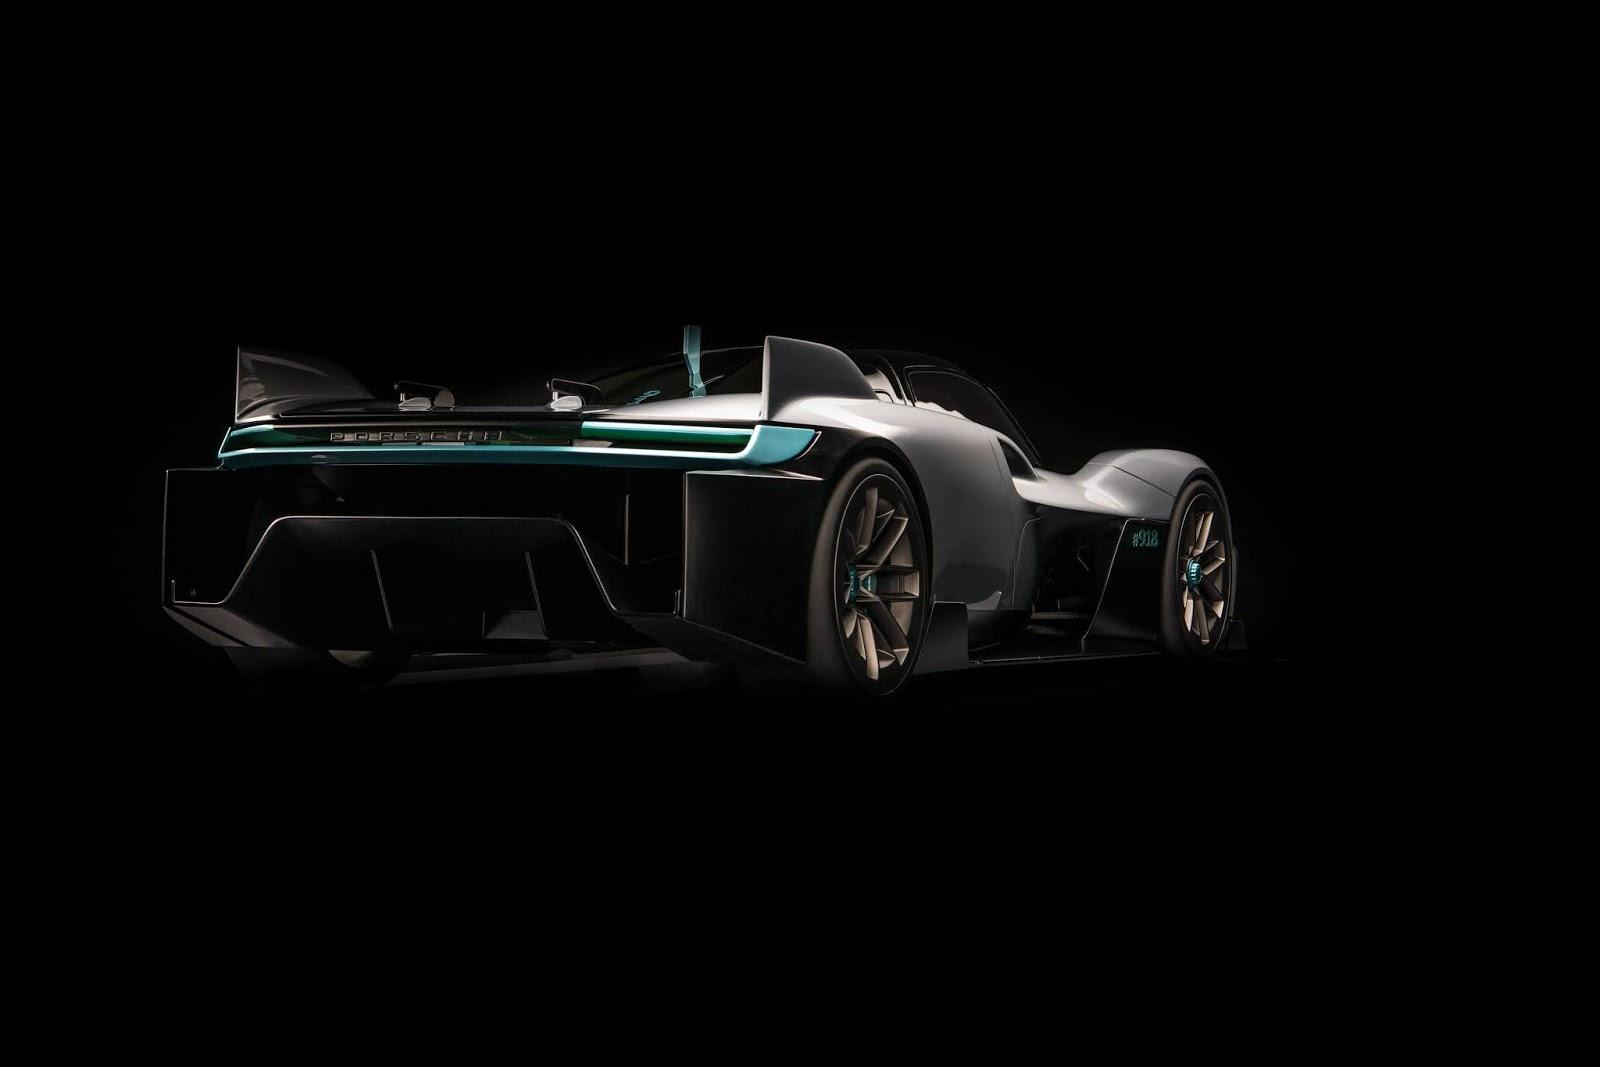 Capture0025 Τα άγνωστα Hypercars της Porsche hypercar, Porsche, Porsche Unseen, Sunday, supercar, supercars, zblog, ειδήσεις